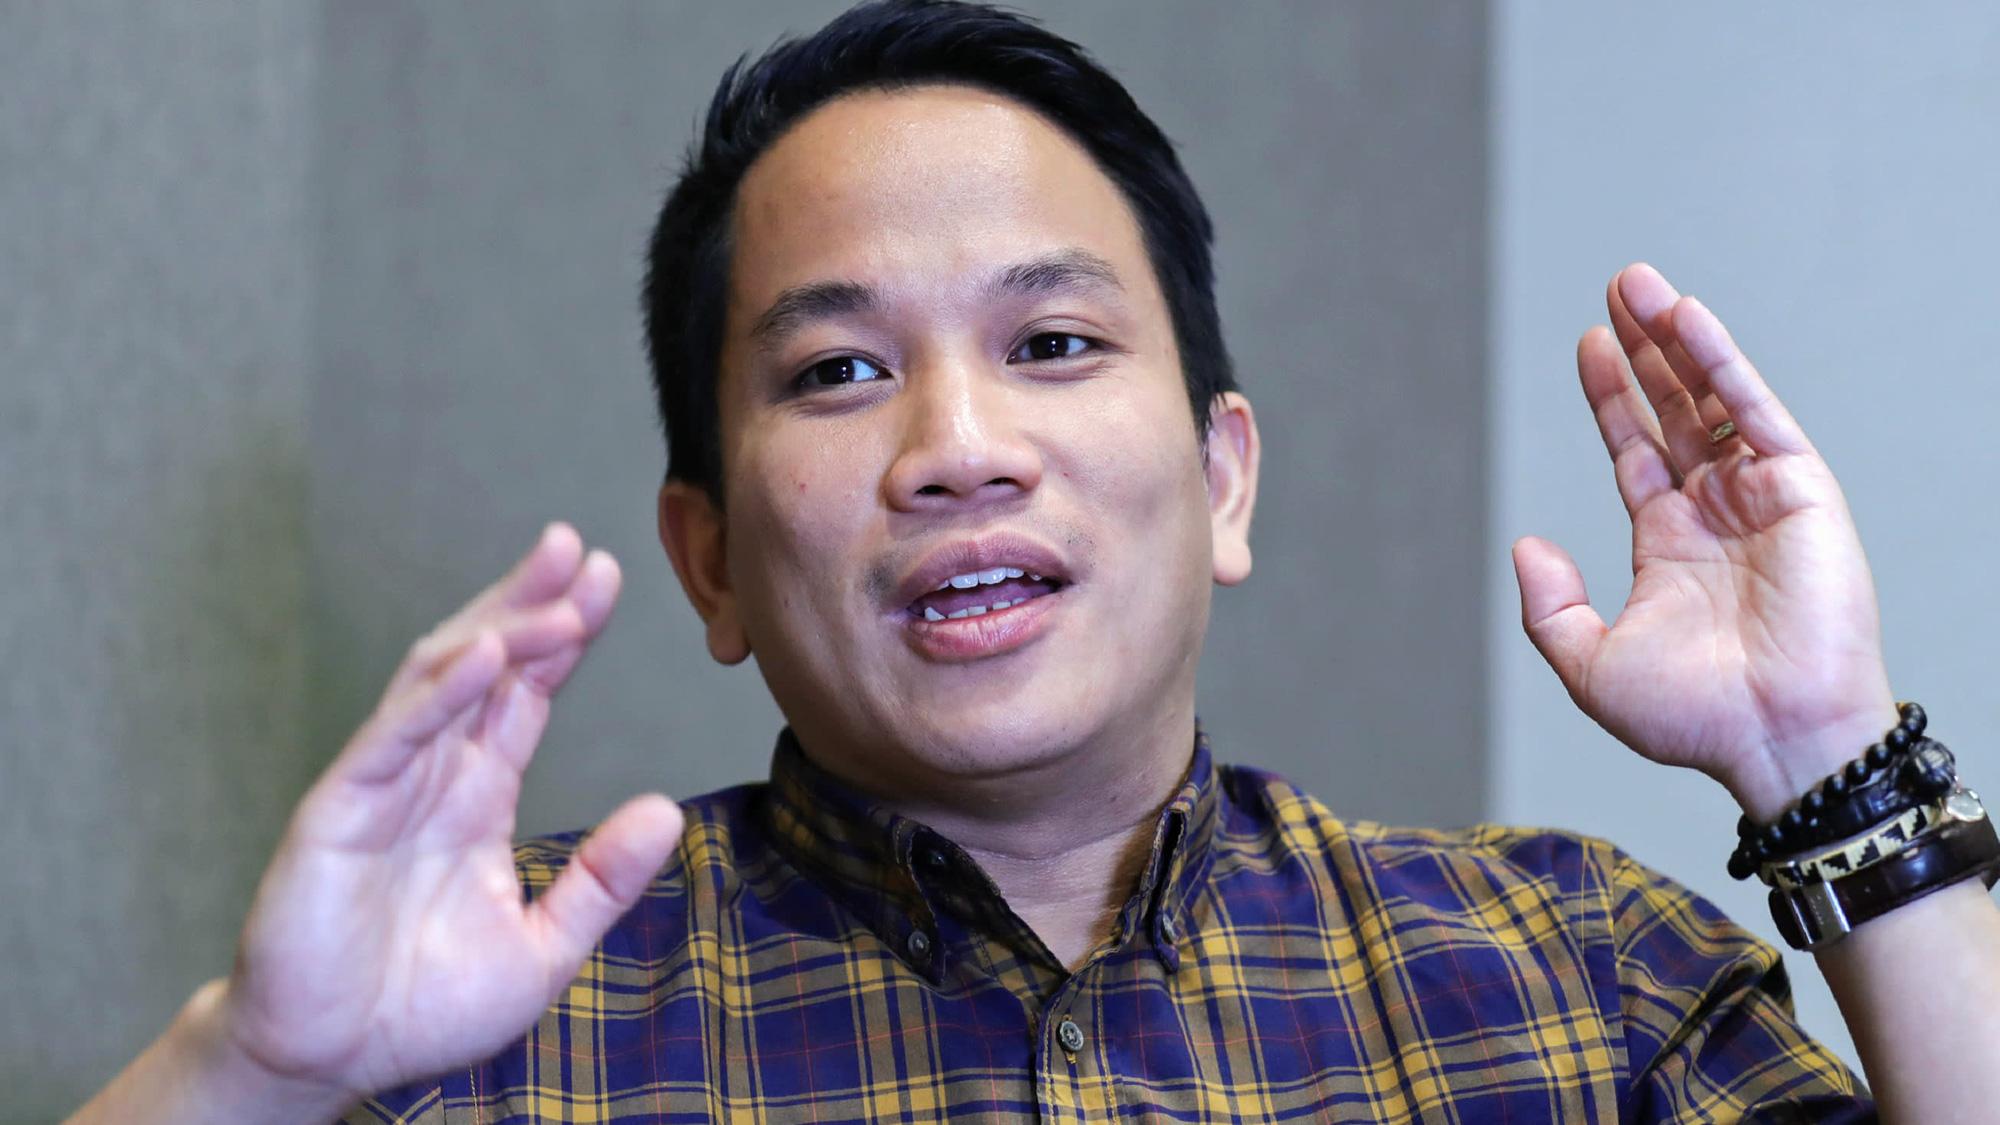 CEO Go-Jek: Cú sốc WeWork là thuốc đắng dã tật cho tất cả startup - Ảnh 1.